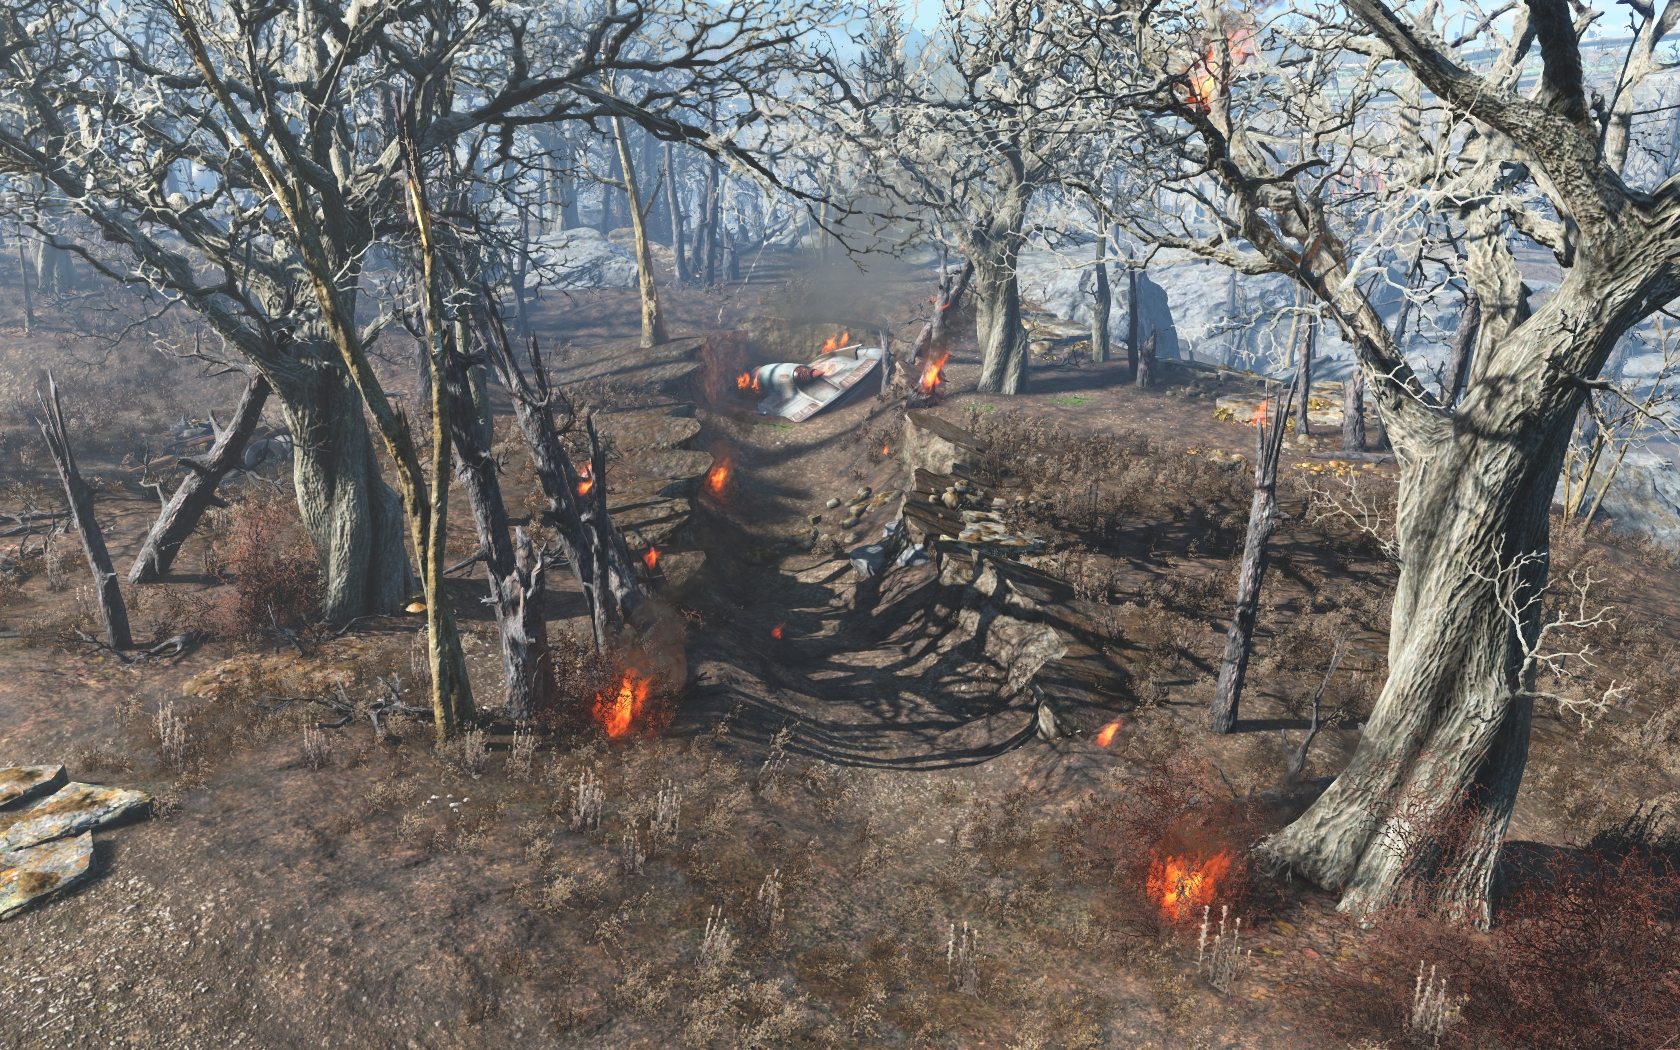 Крушение Чужого (юго-восточнее Станции Оберленд) #2 - Fallout 4 Дзетанец, НЛО, Оберленд, Чужой